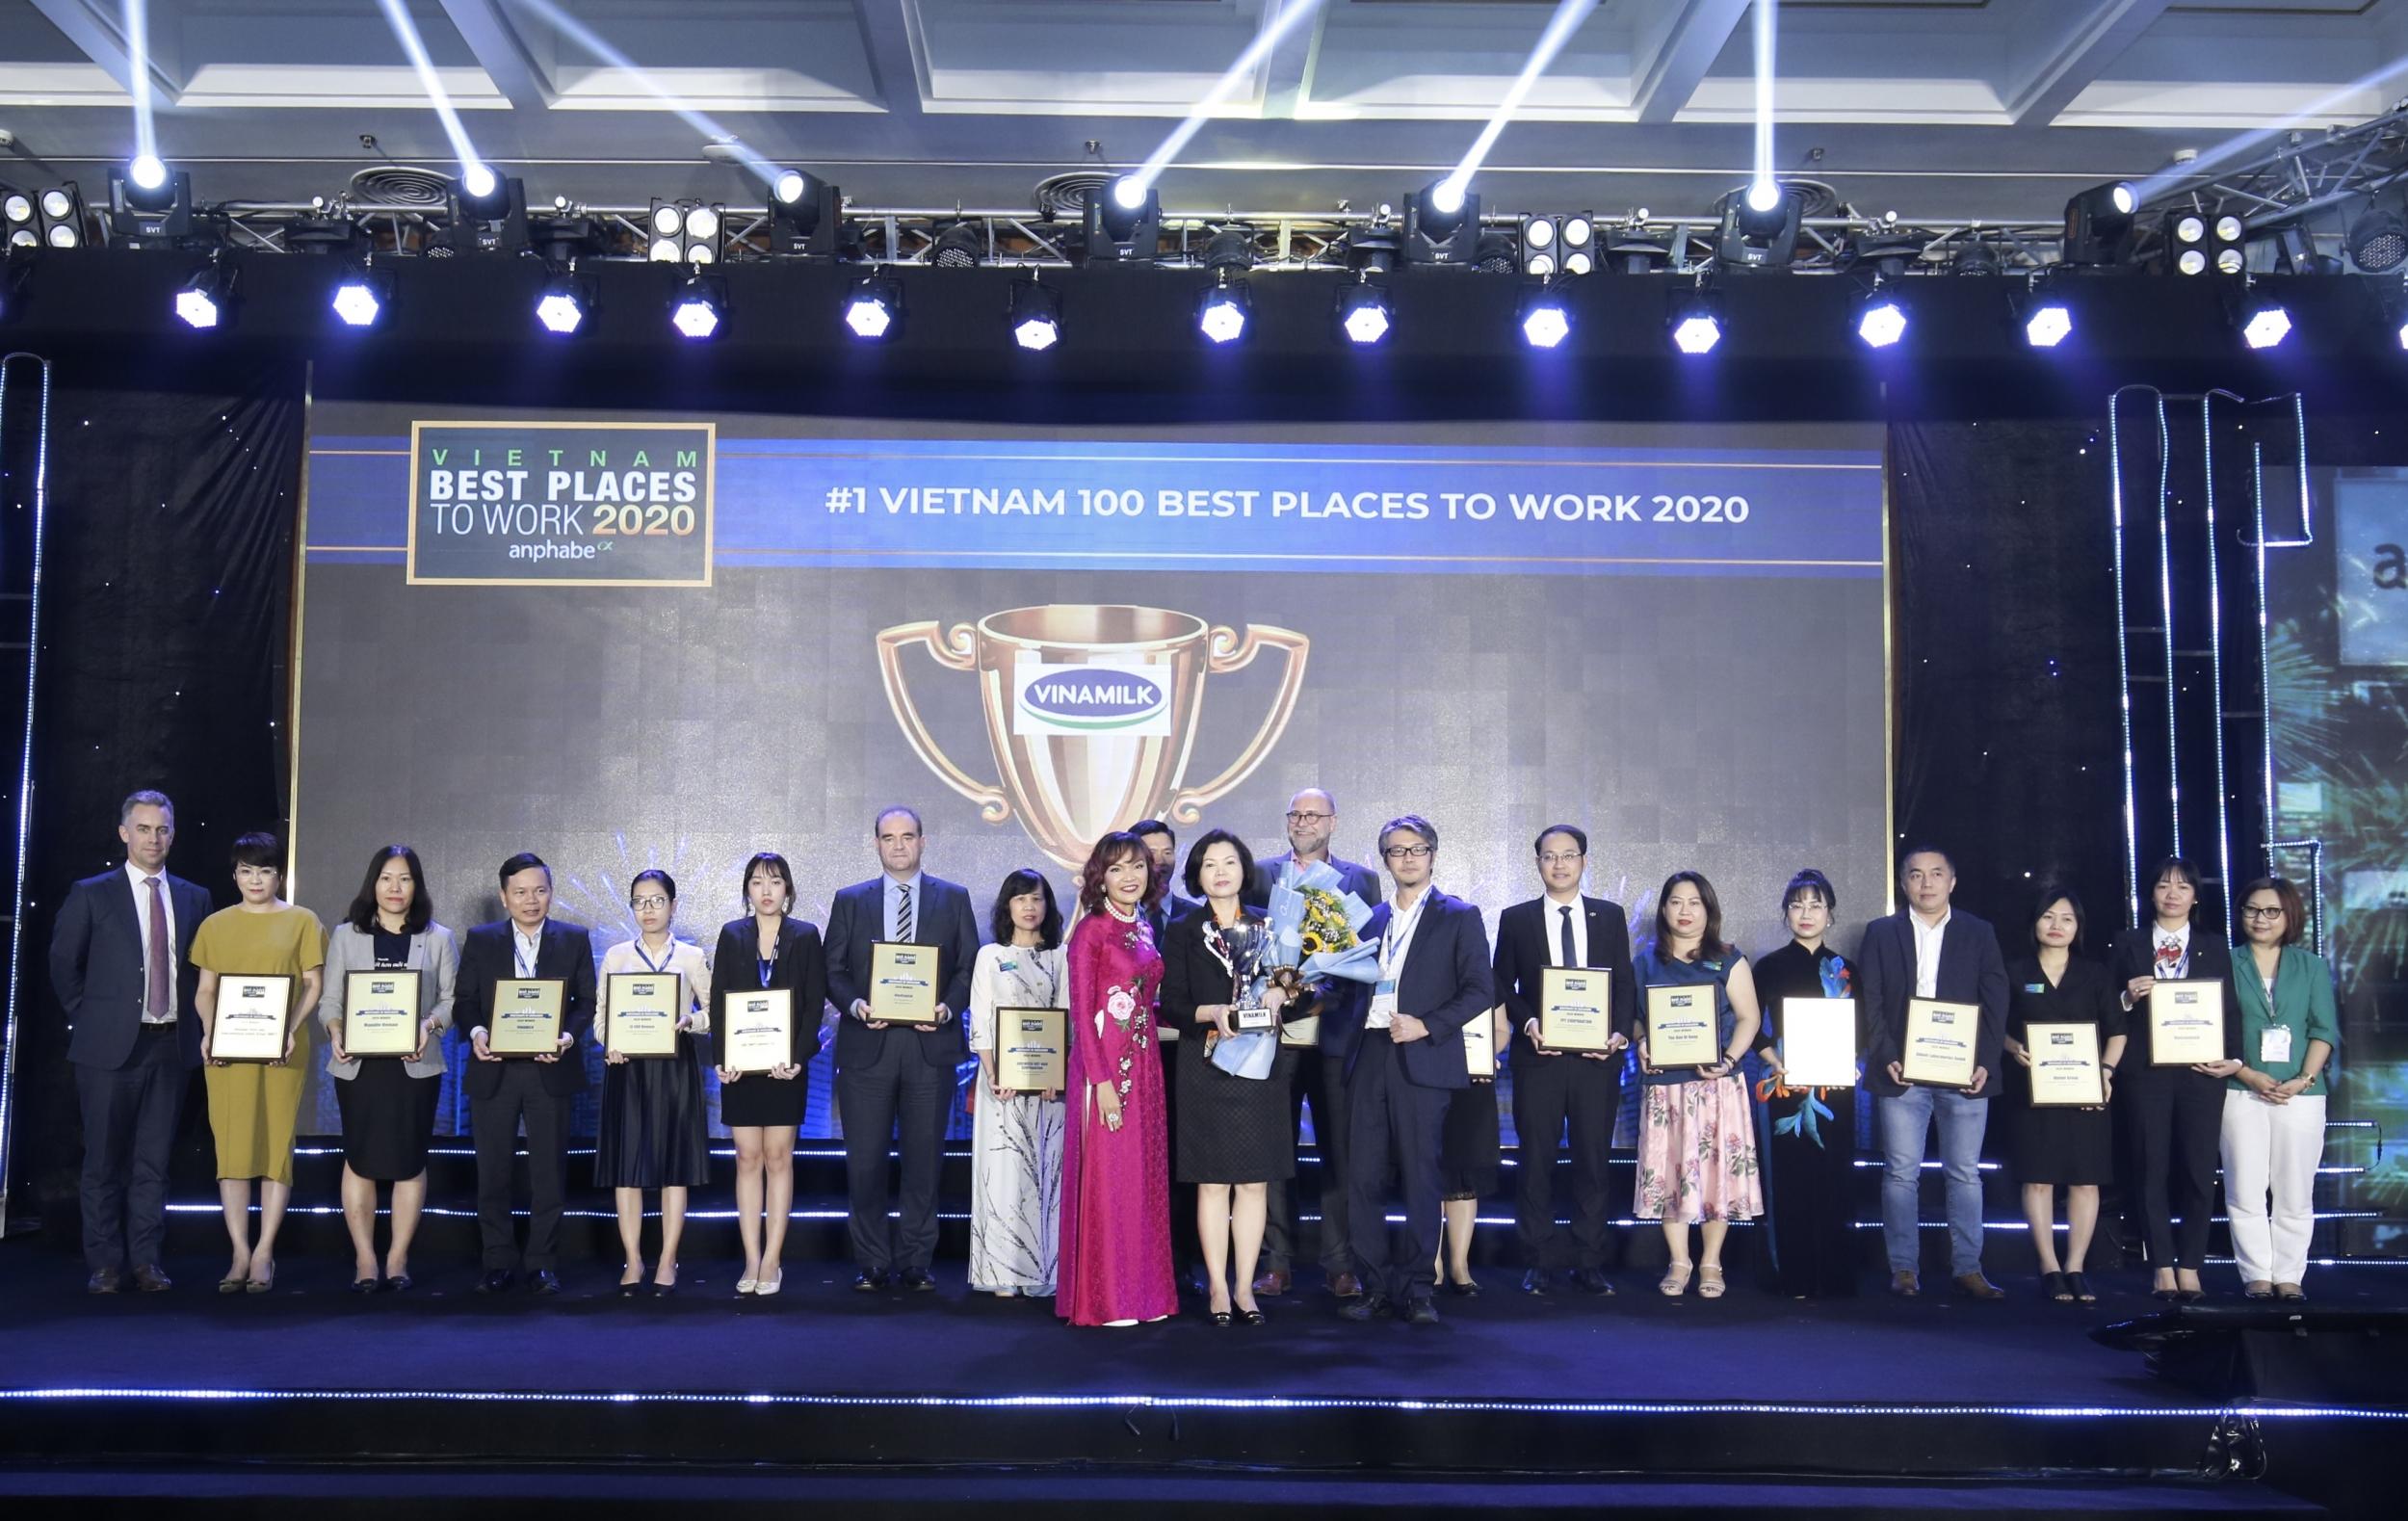 Với nhiều chính sách tiên tiến hướng đến người lao động, Vinamilk được bình chọn là nơi làm việc tốt nhất Việt Nam liên tiếp 3 năm vừa qua